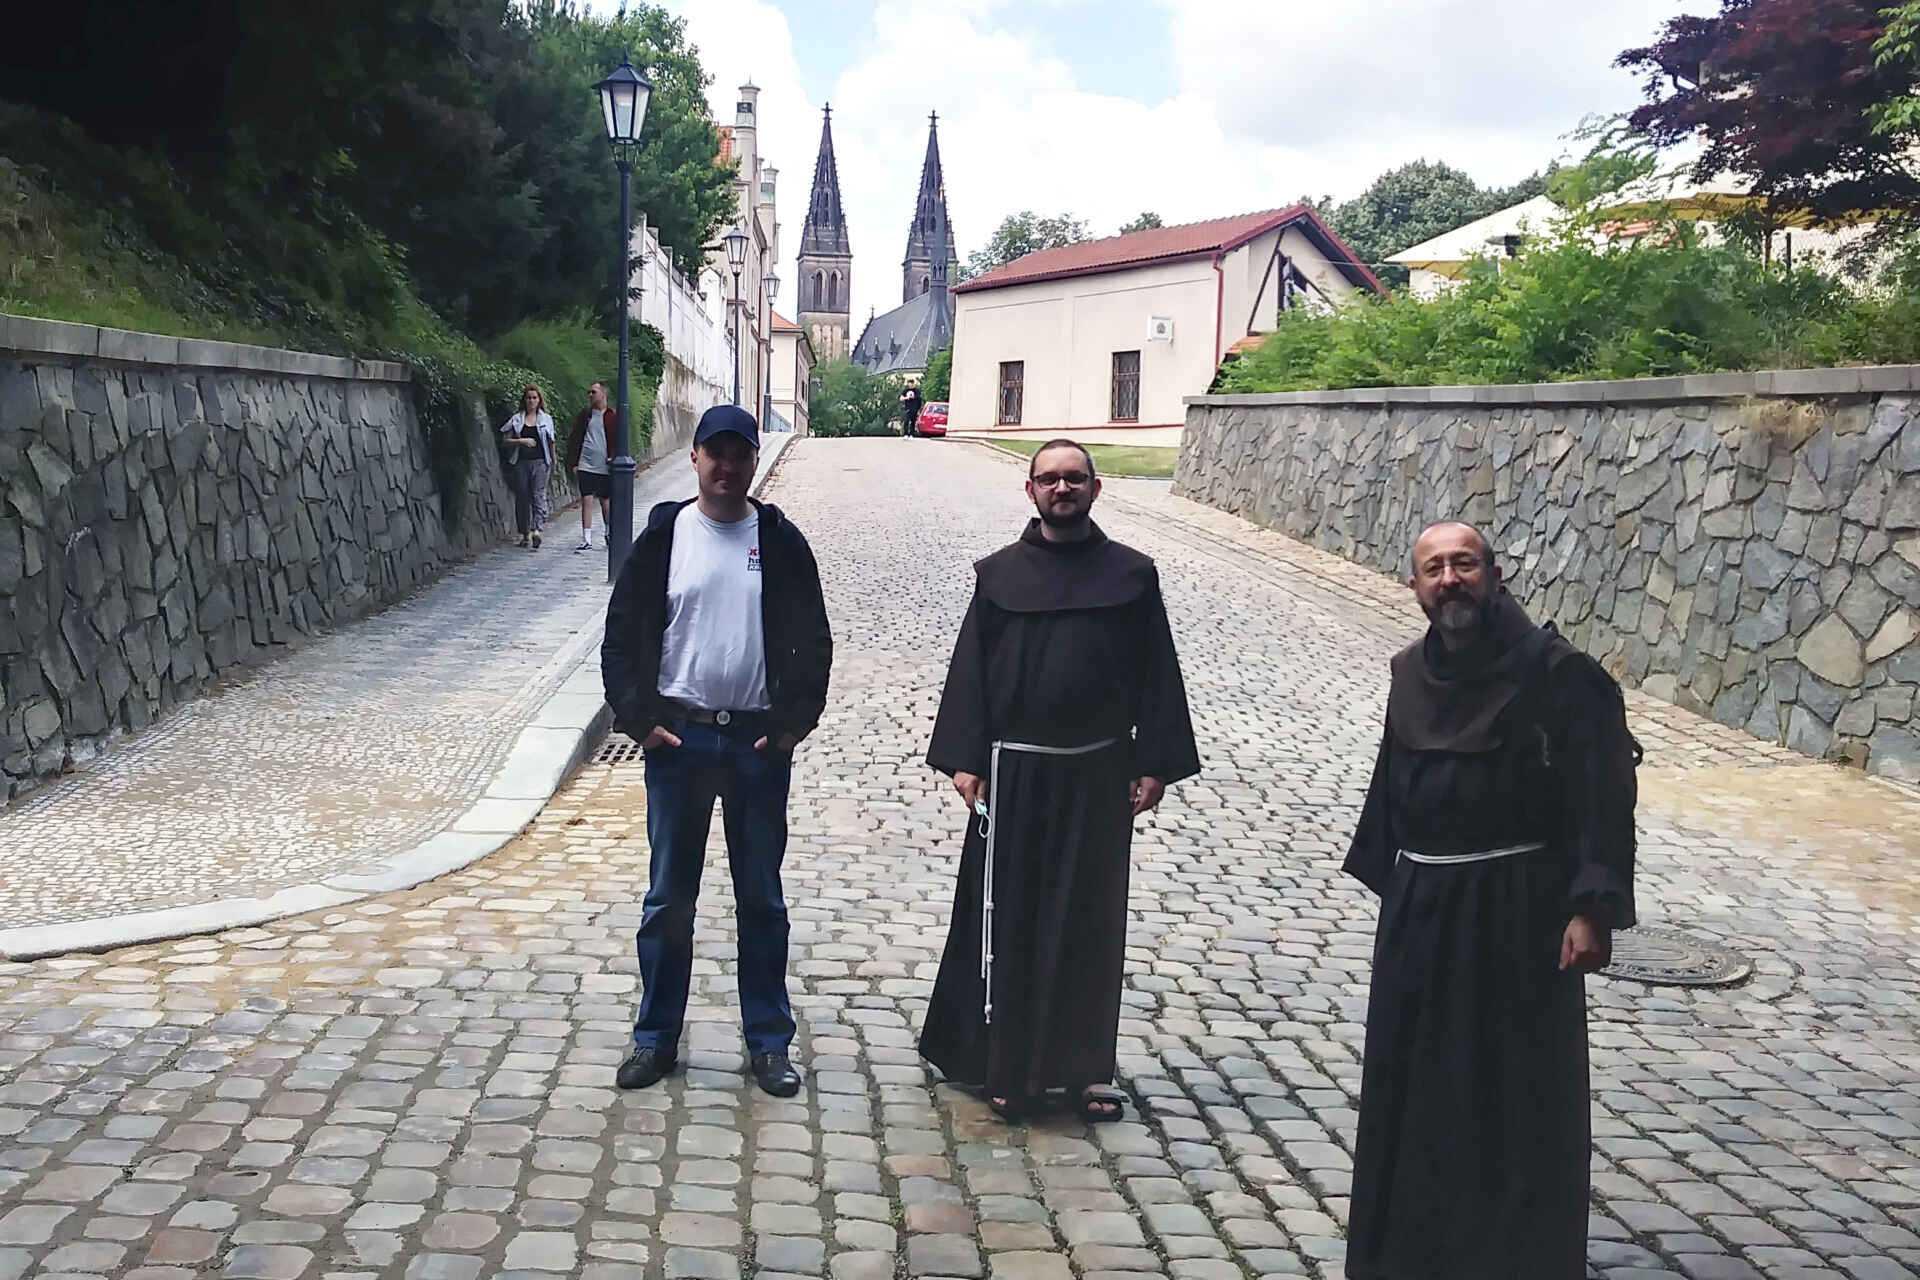 Probacja braci w Dusznikach-Zdroju